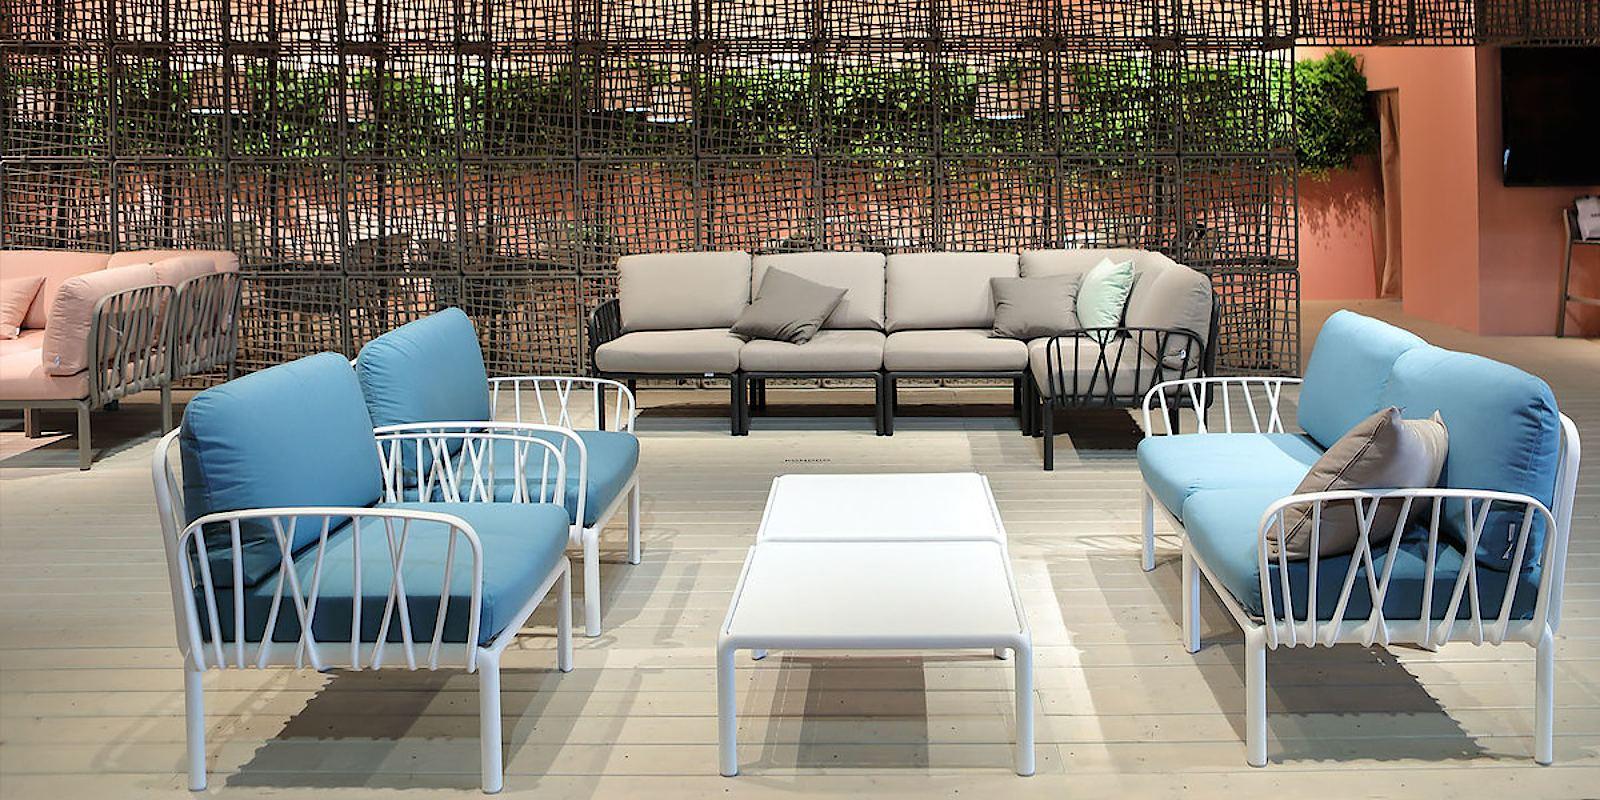 Інтер'єр готеля з універсальними диванними модулями Komodo 5 від Nardi